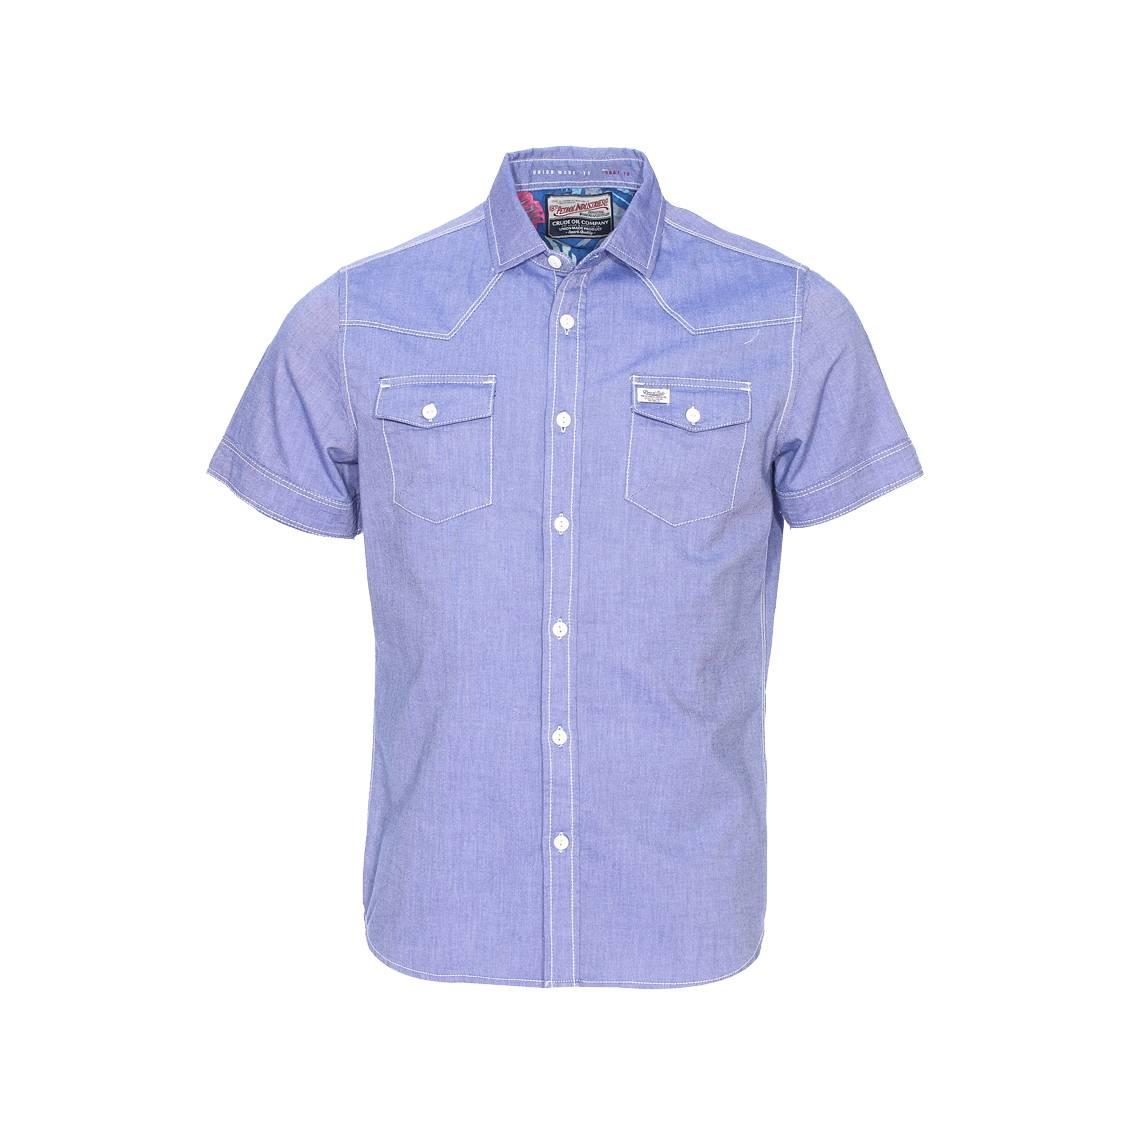 Chemise manches courtes  en coton bleu jean, tissage fil à fil